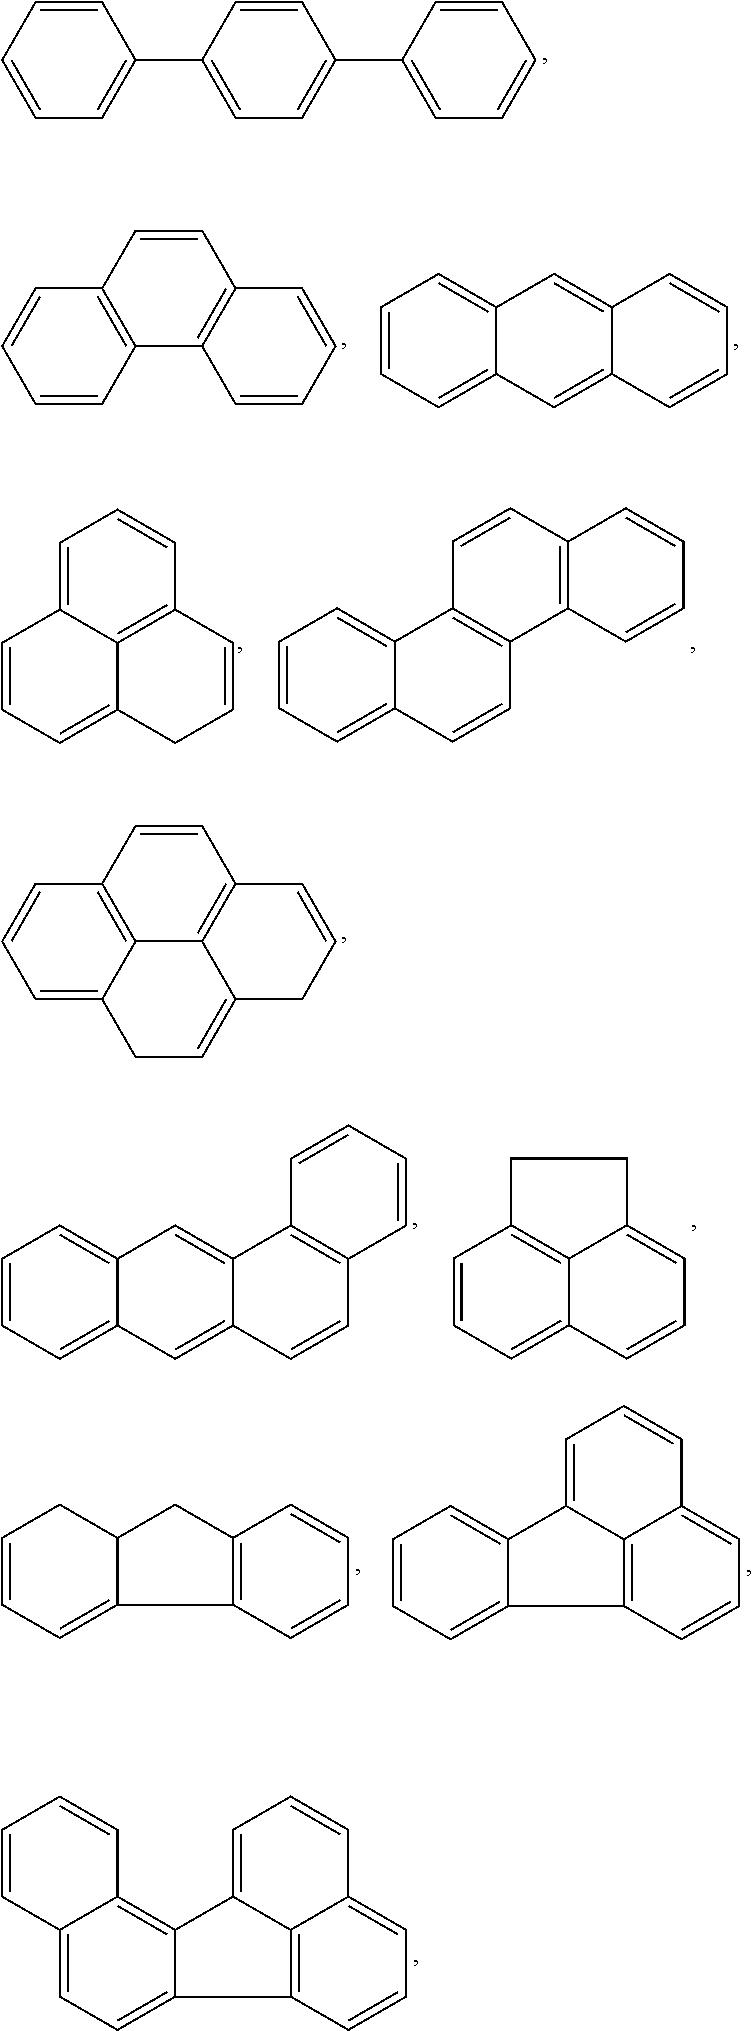 Figure US20110032465A1-20110210-C00026